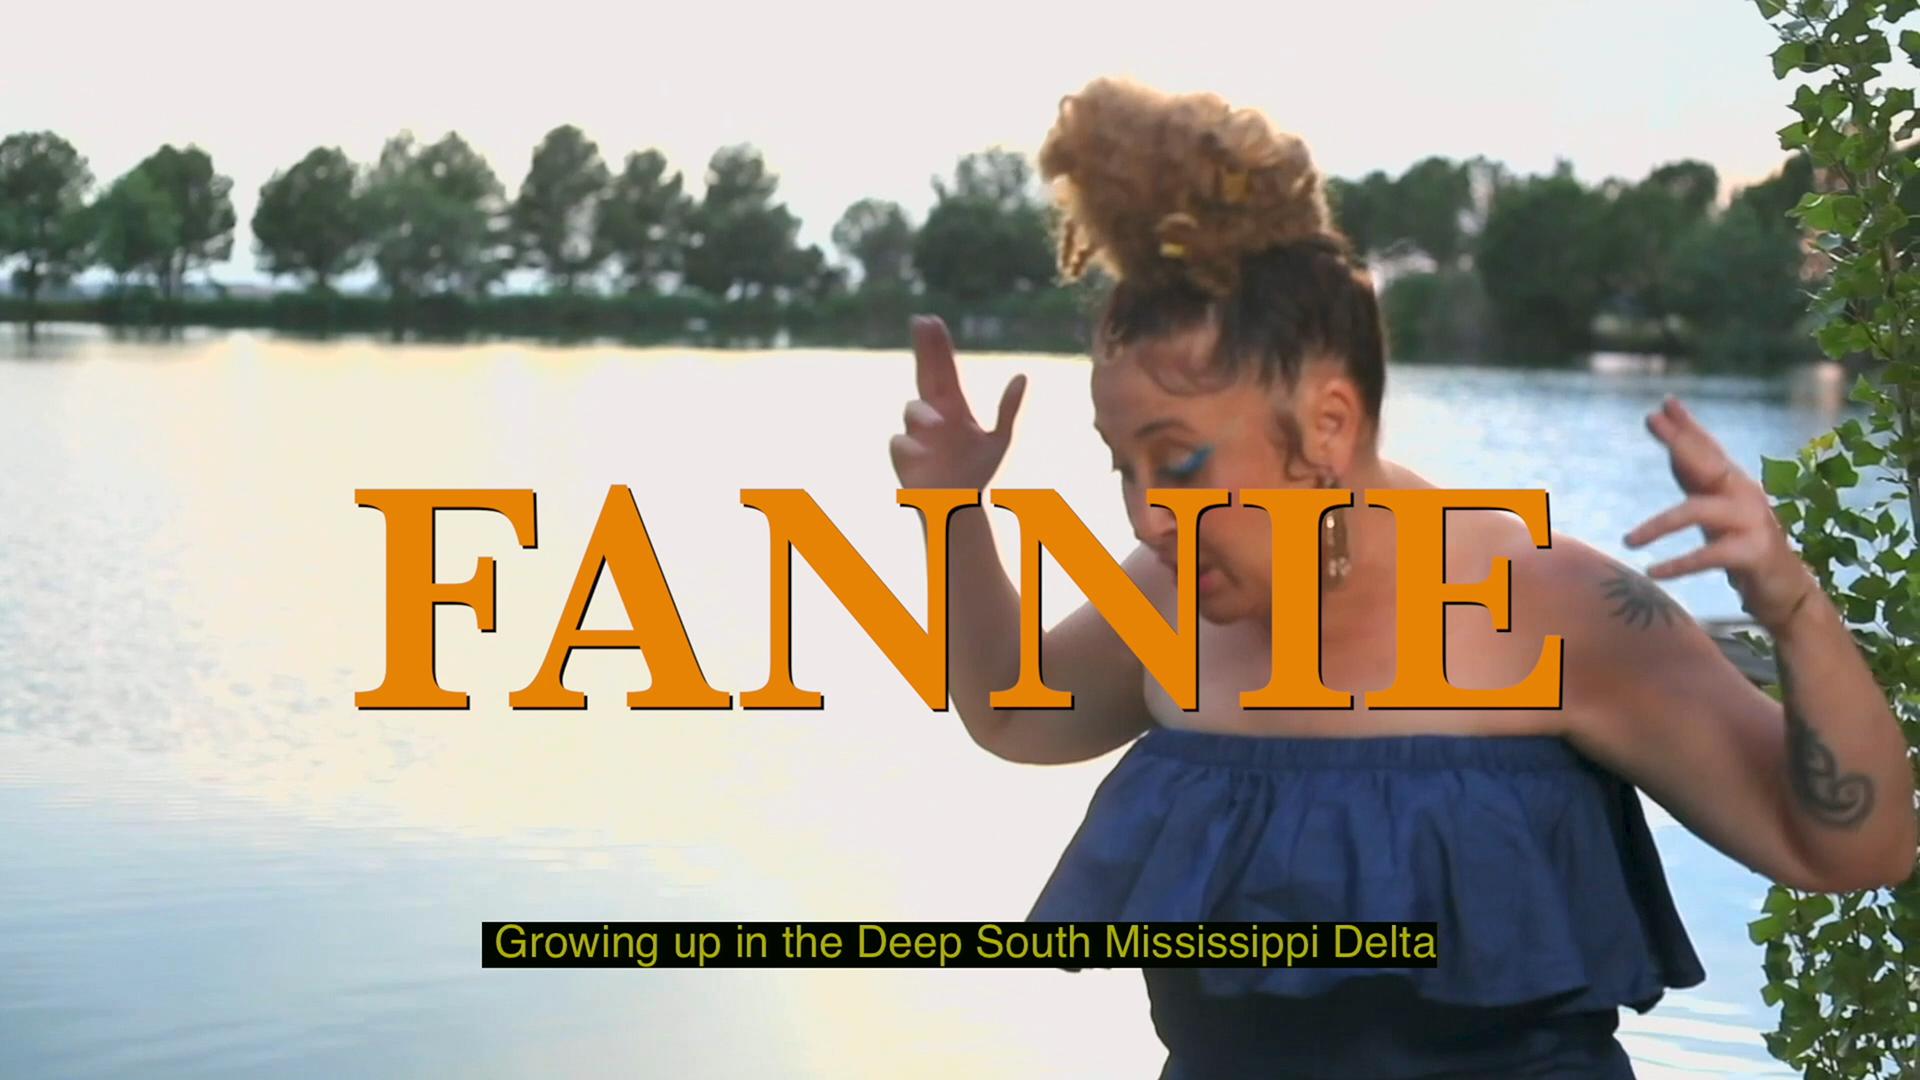 Suzanna - Fannie